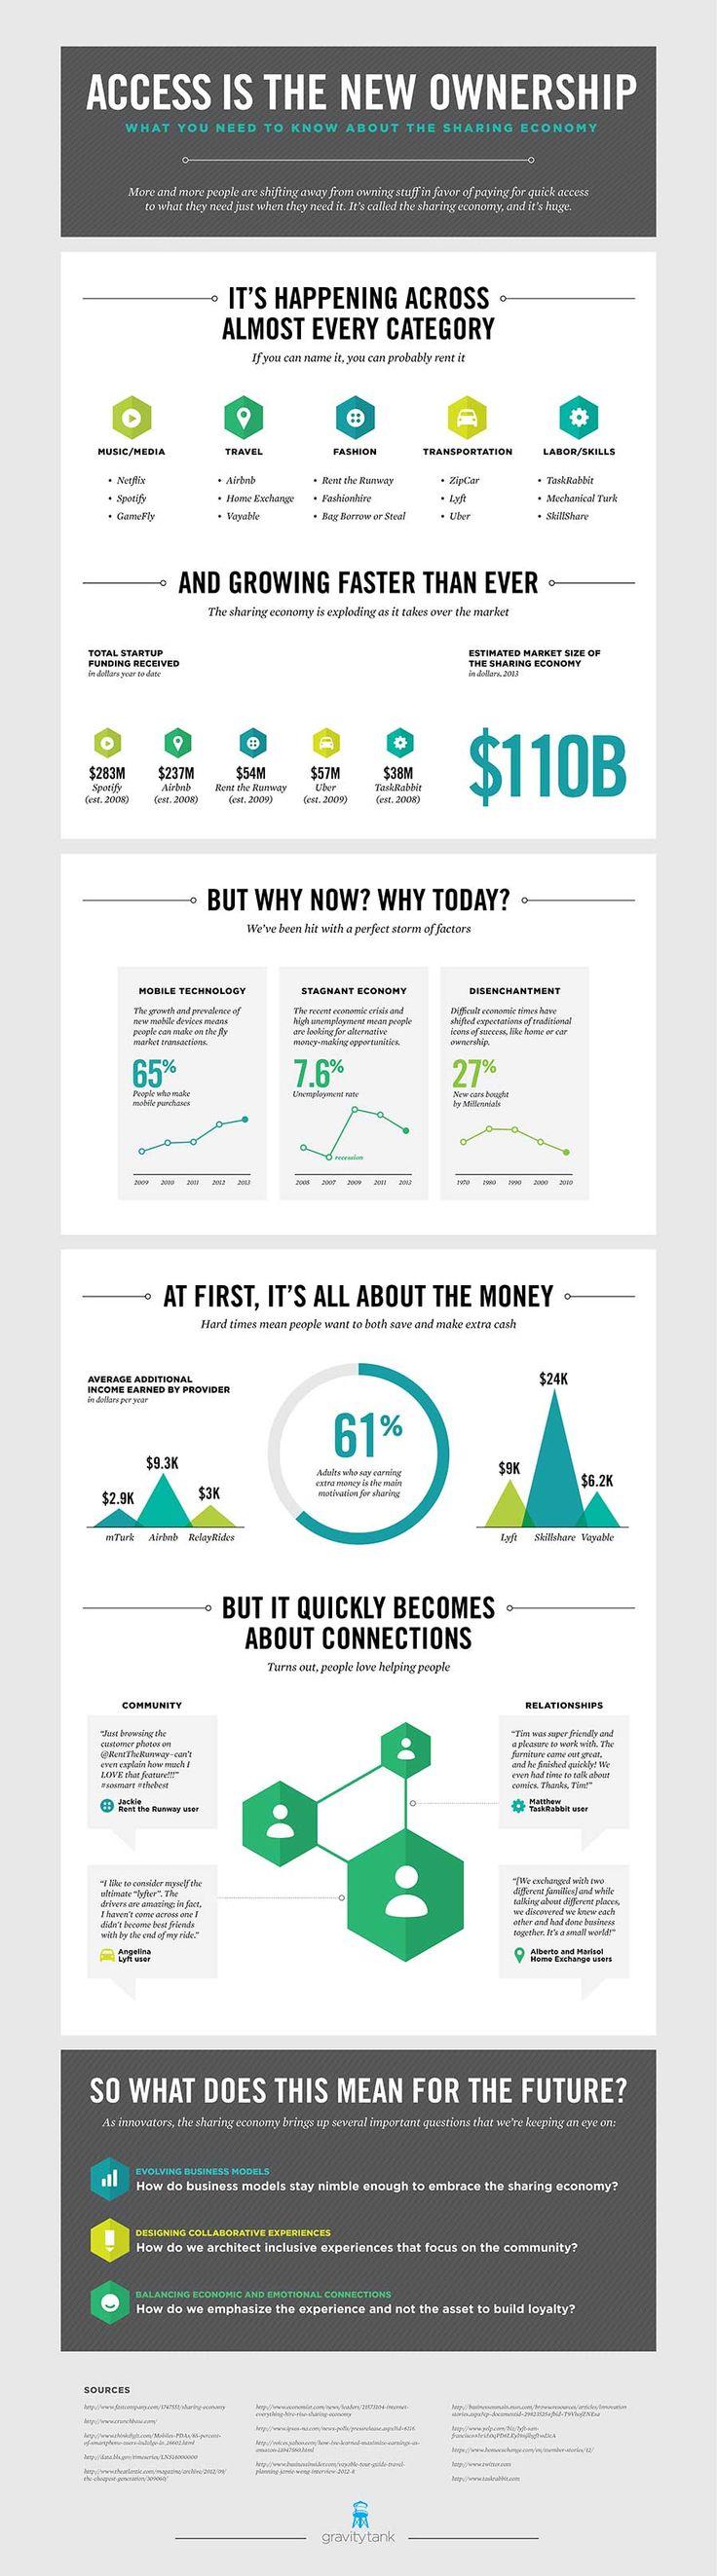 Sharing Economy Info Graphic